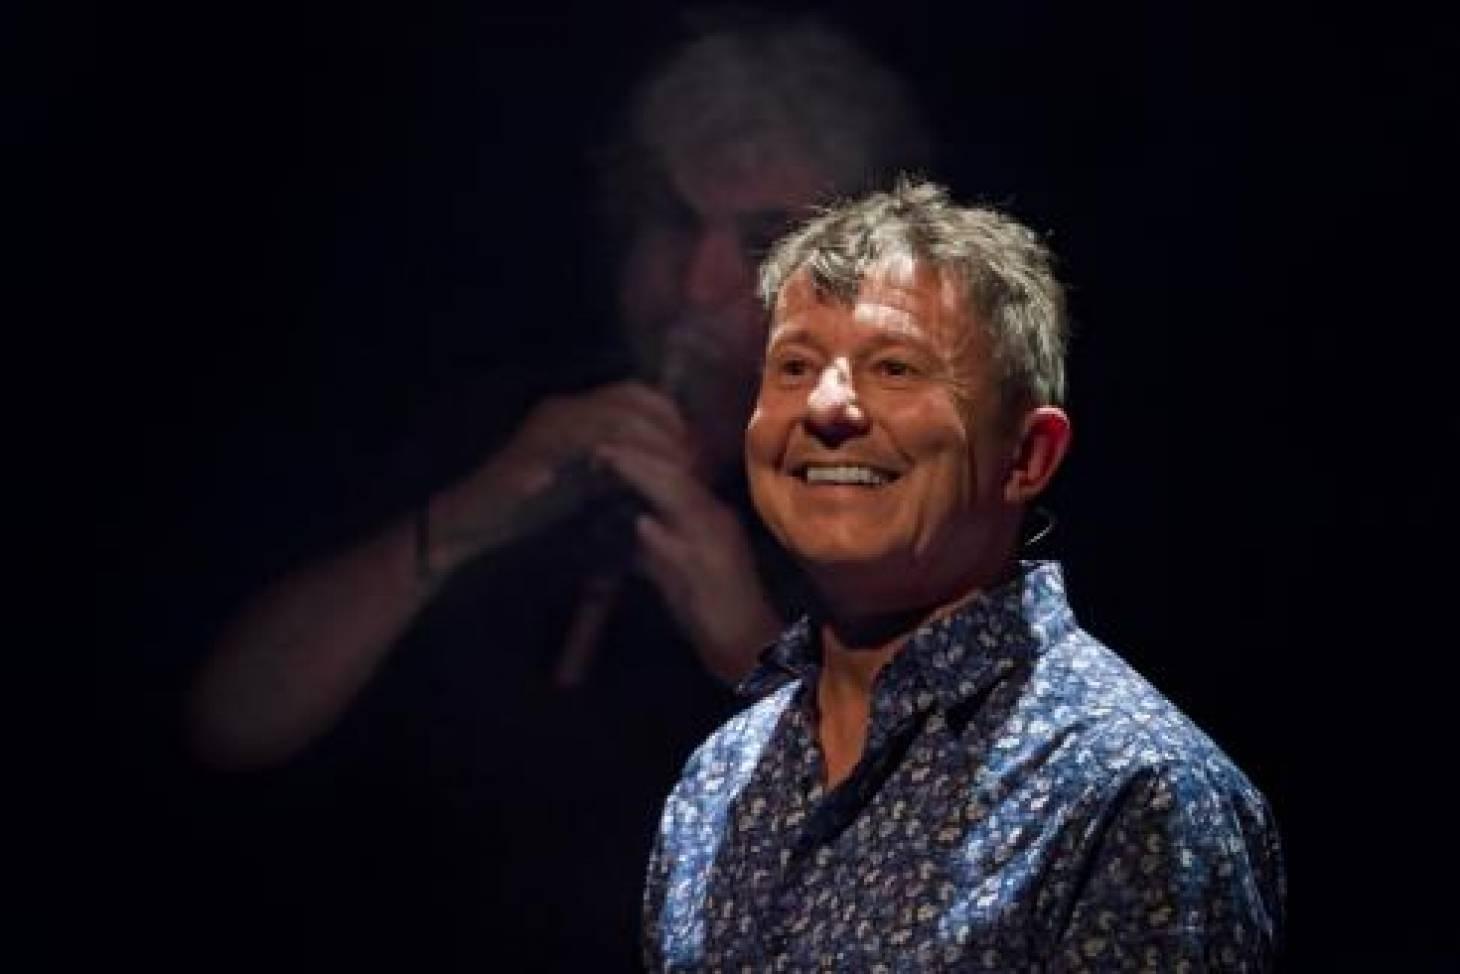 Sur scène, Yannick Jaulin défend le parlanjhe